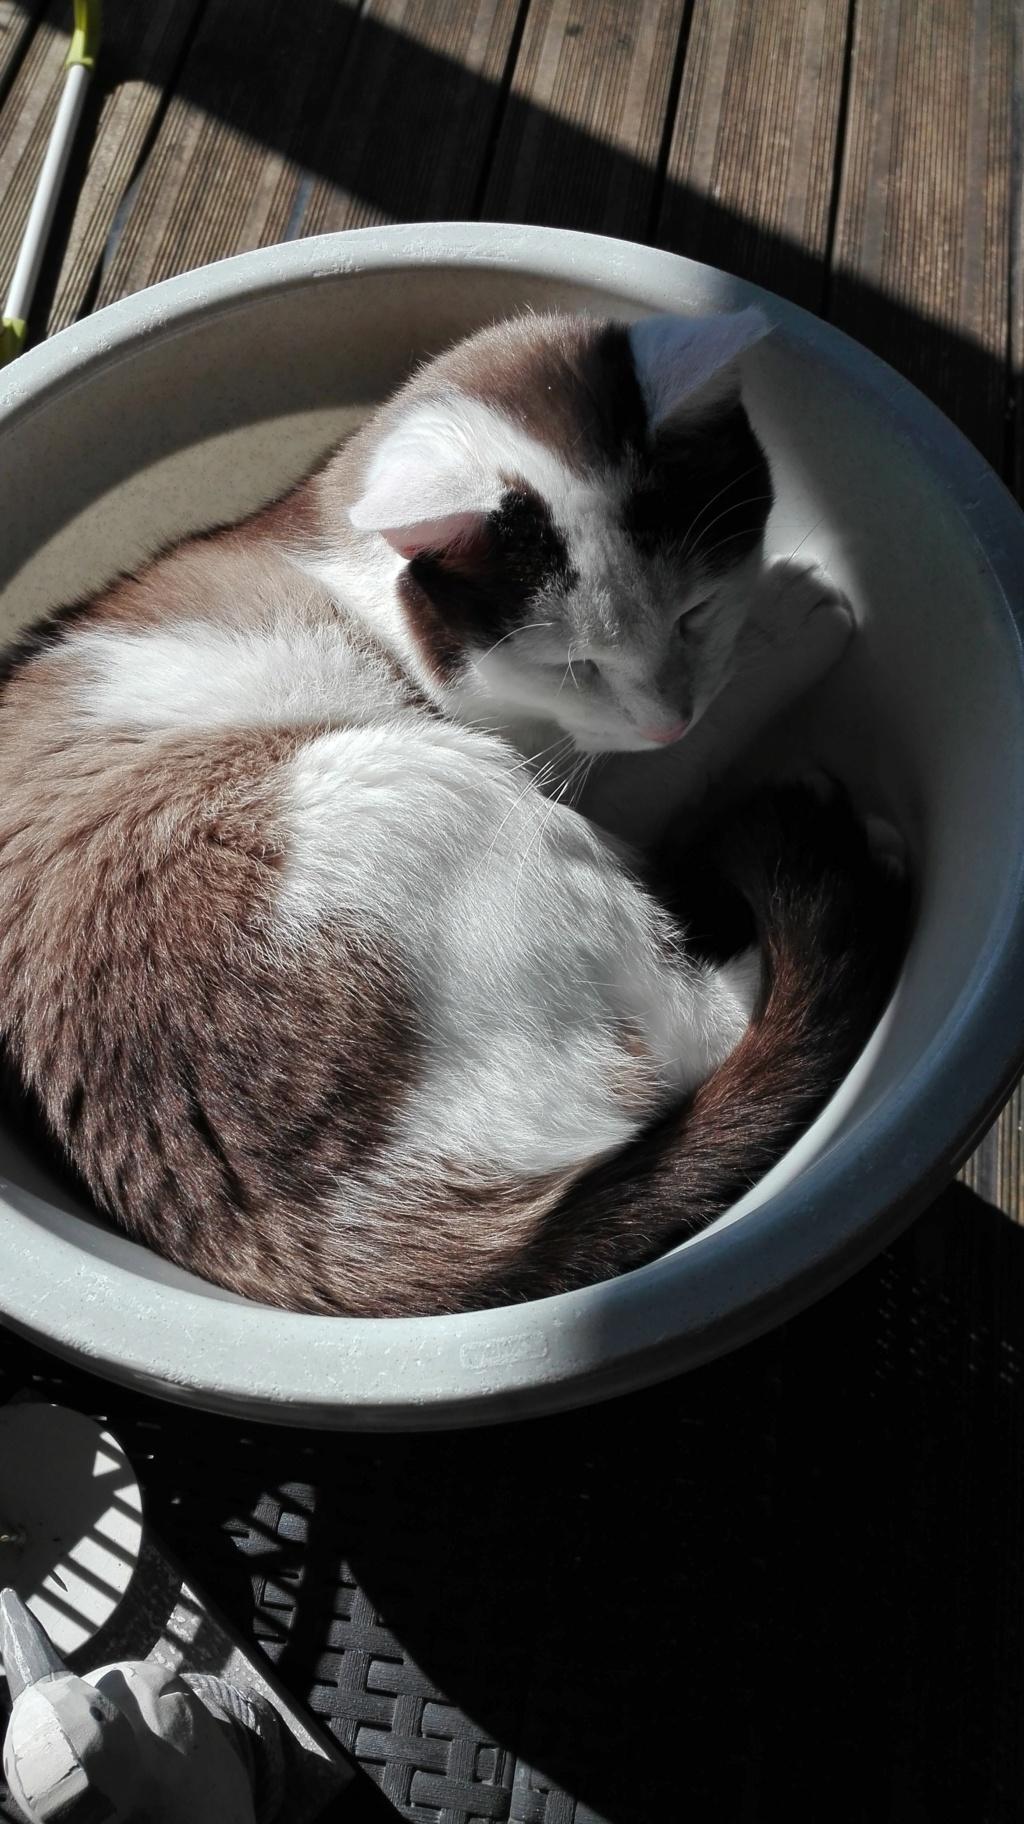 INVICTUS, chat européen marron&blanc, né en 2013, en FA longue durée Img_2130